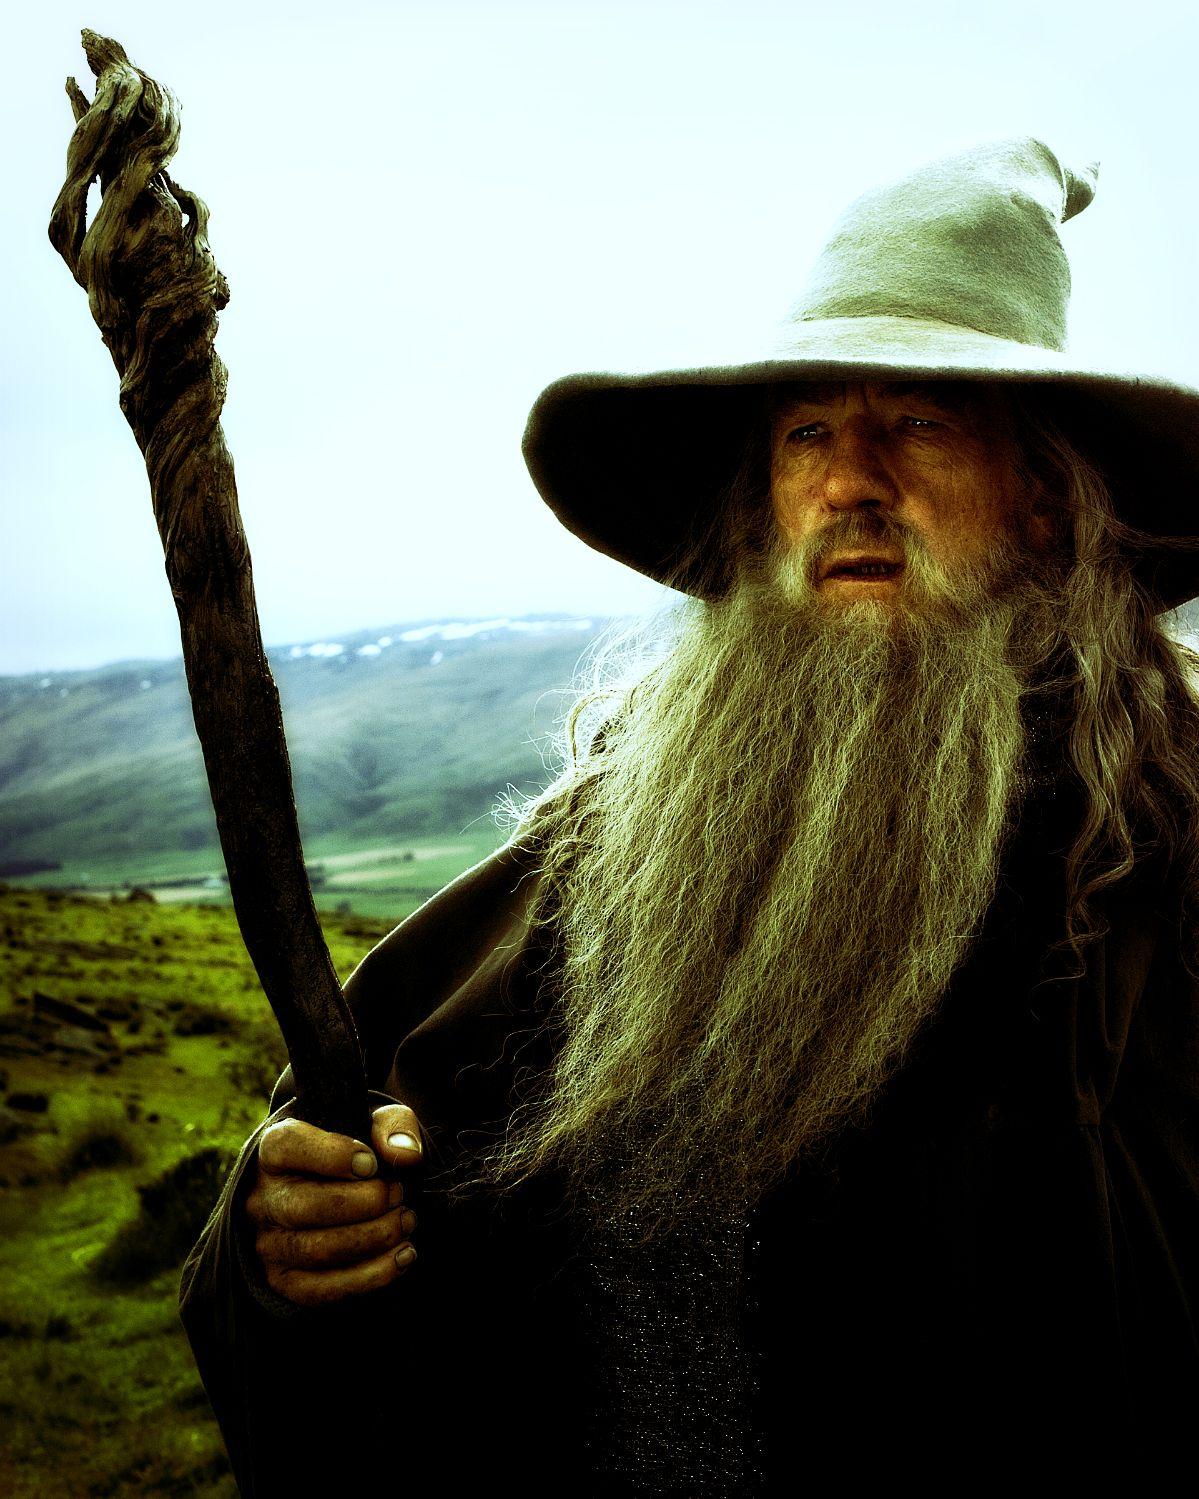 007056cb0a8 Gandalf. Firework maker